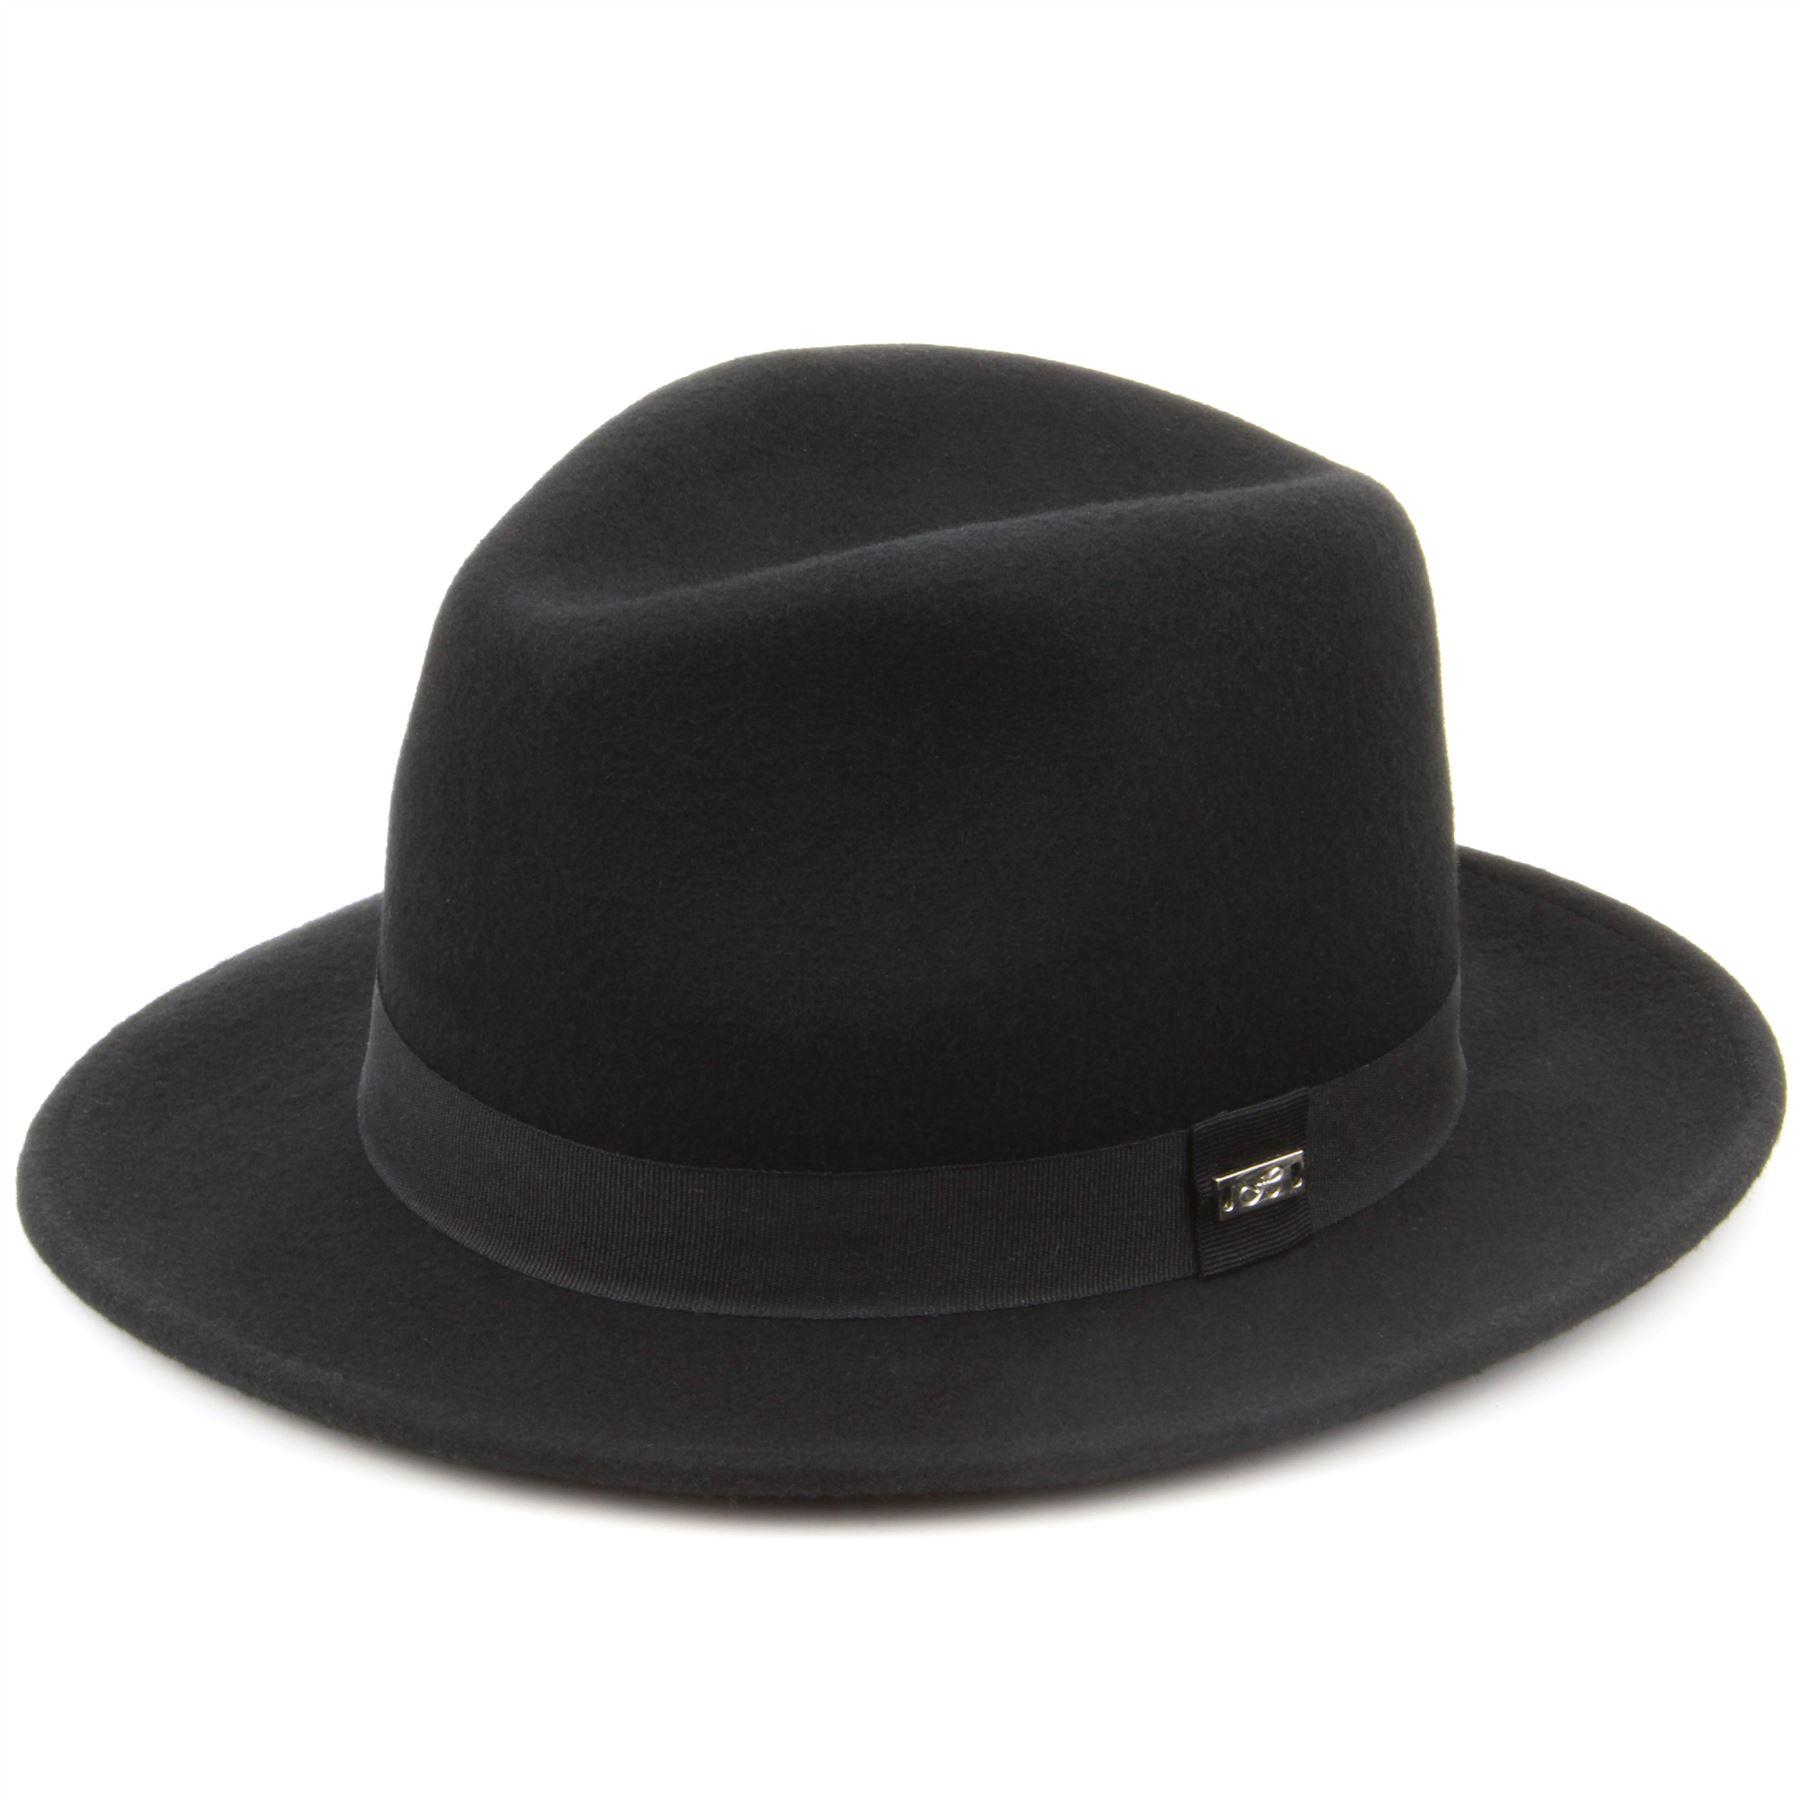 Details about Fedora Hat Trilby Black Hawkins Cap Wool Felt Ladies Men Band  Brim ff005b796ae